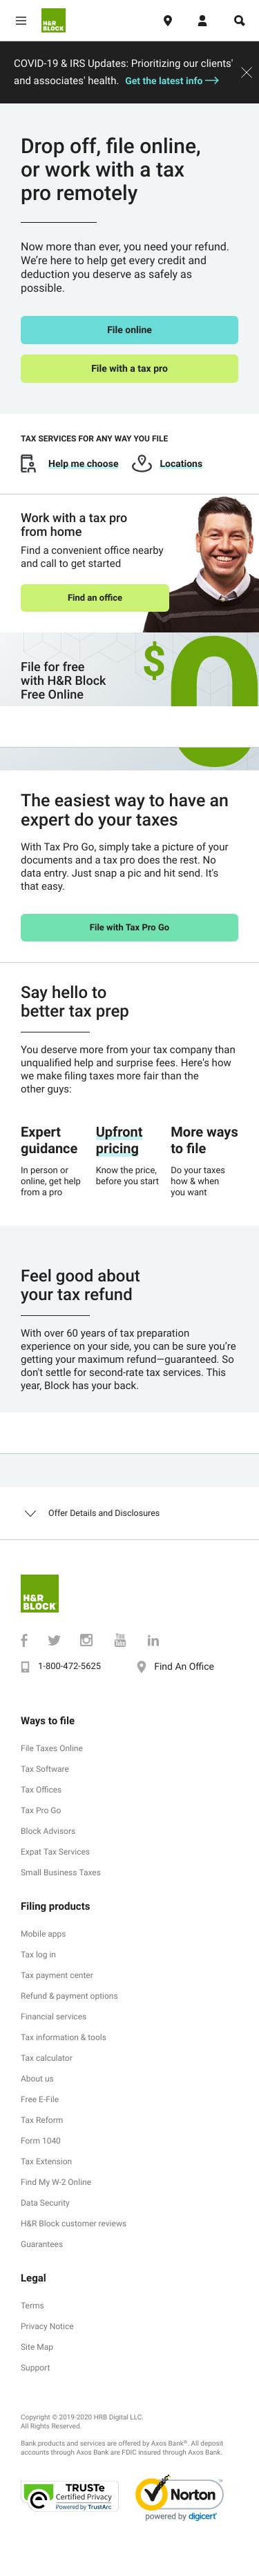 H&R Block Tax Prep Coupon